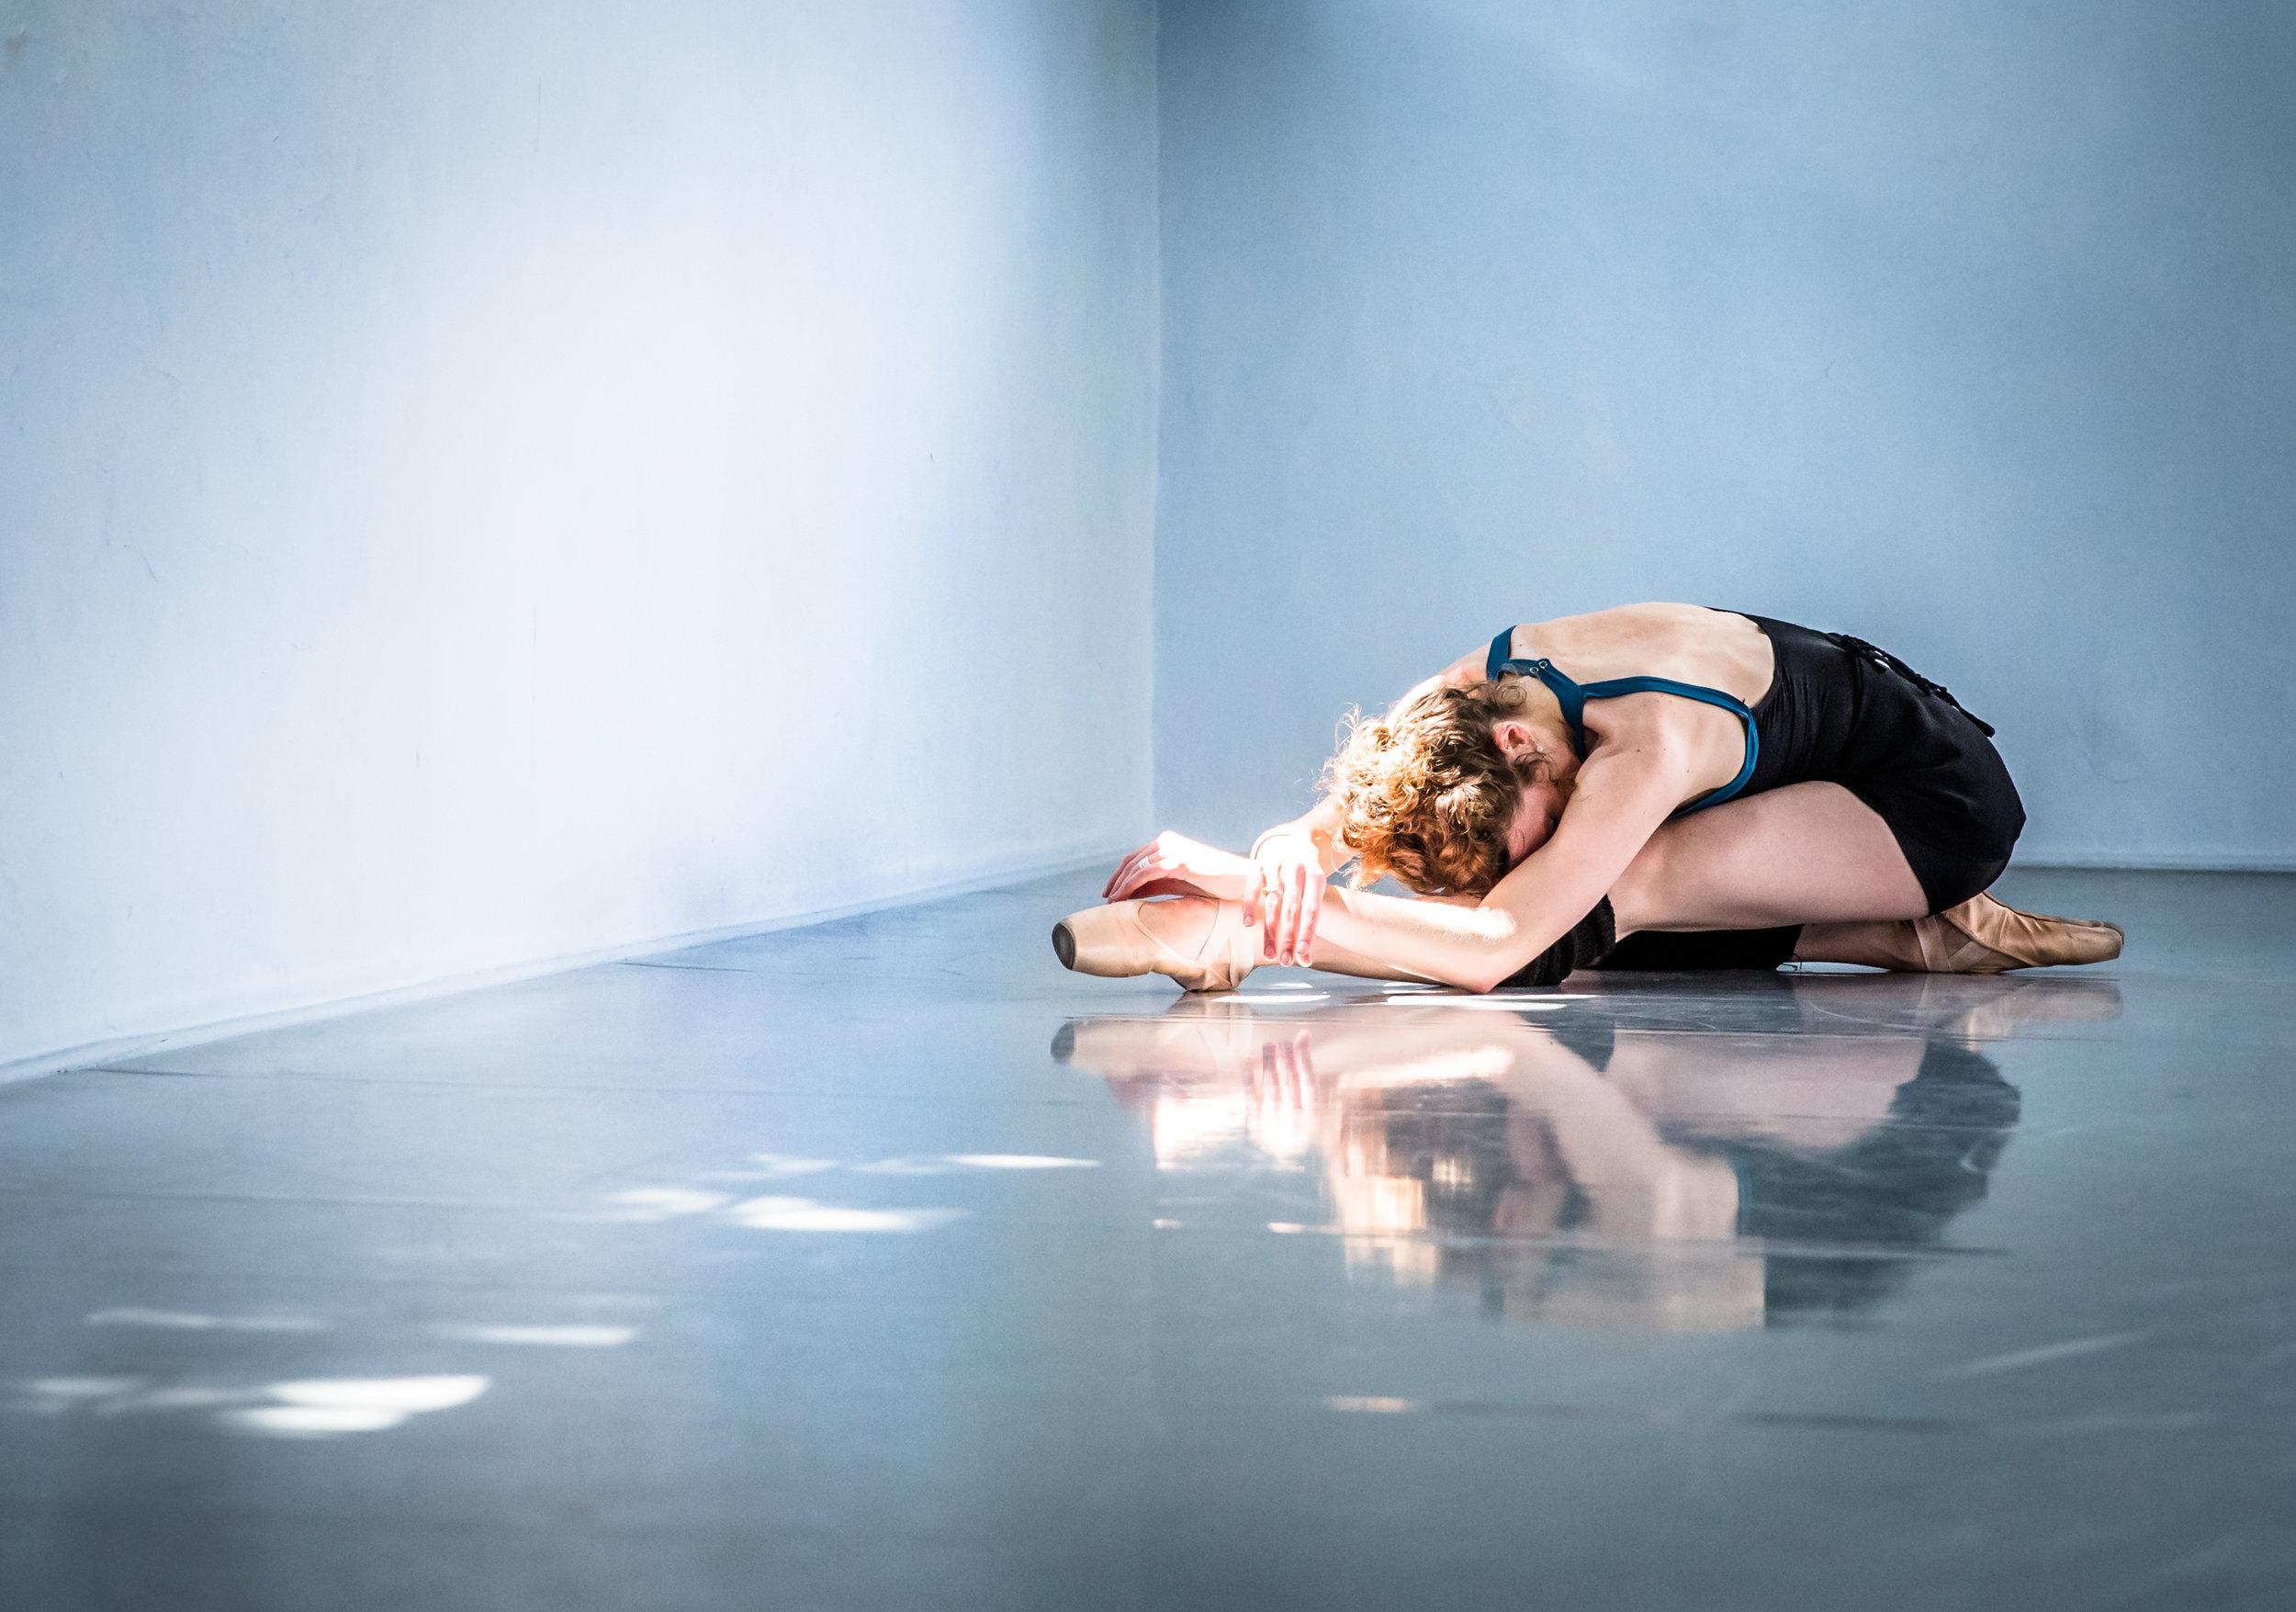 dancerdowna4-1.jpg